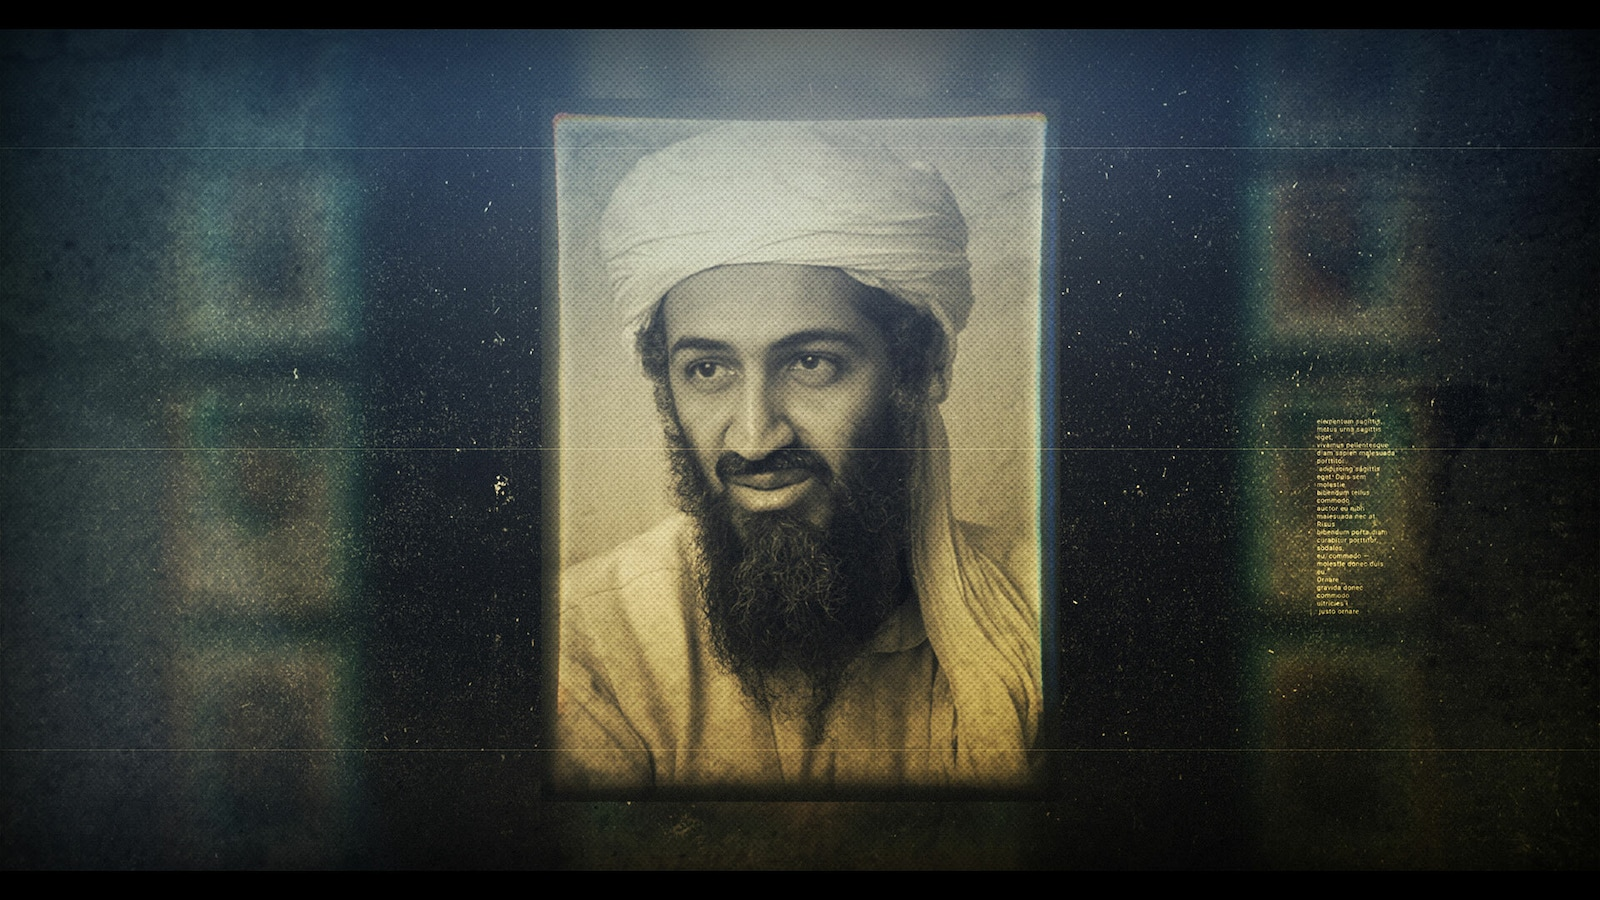 11.9. CIA vs. Bin Laden